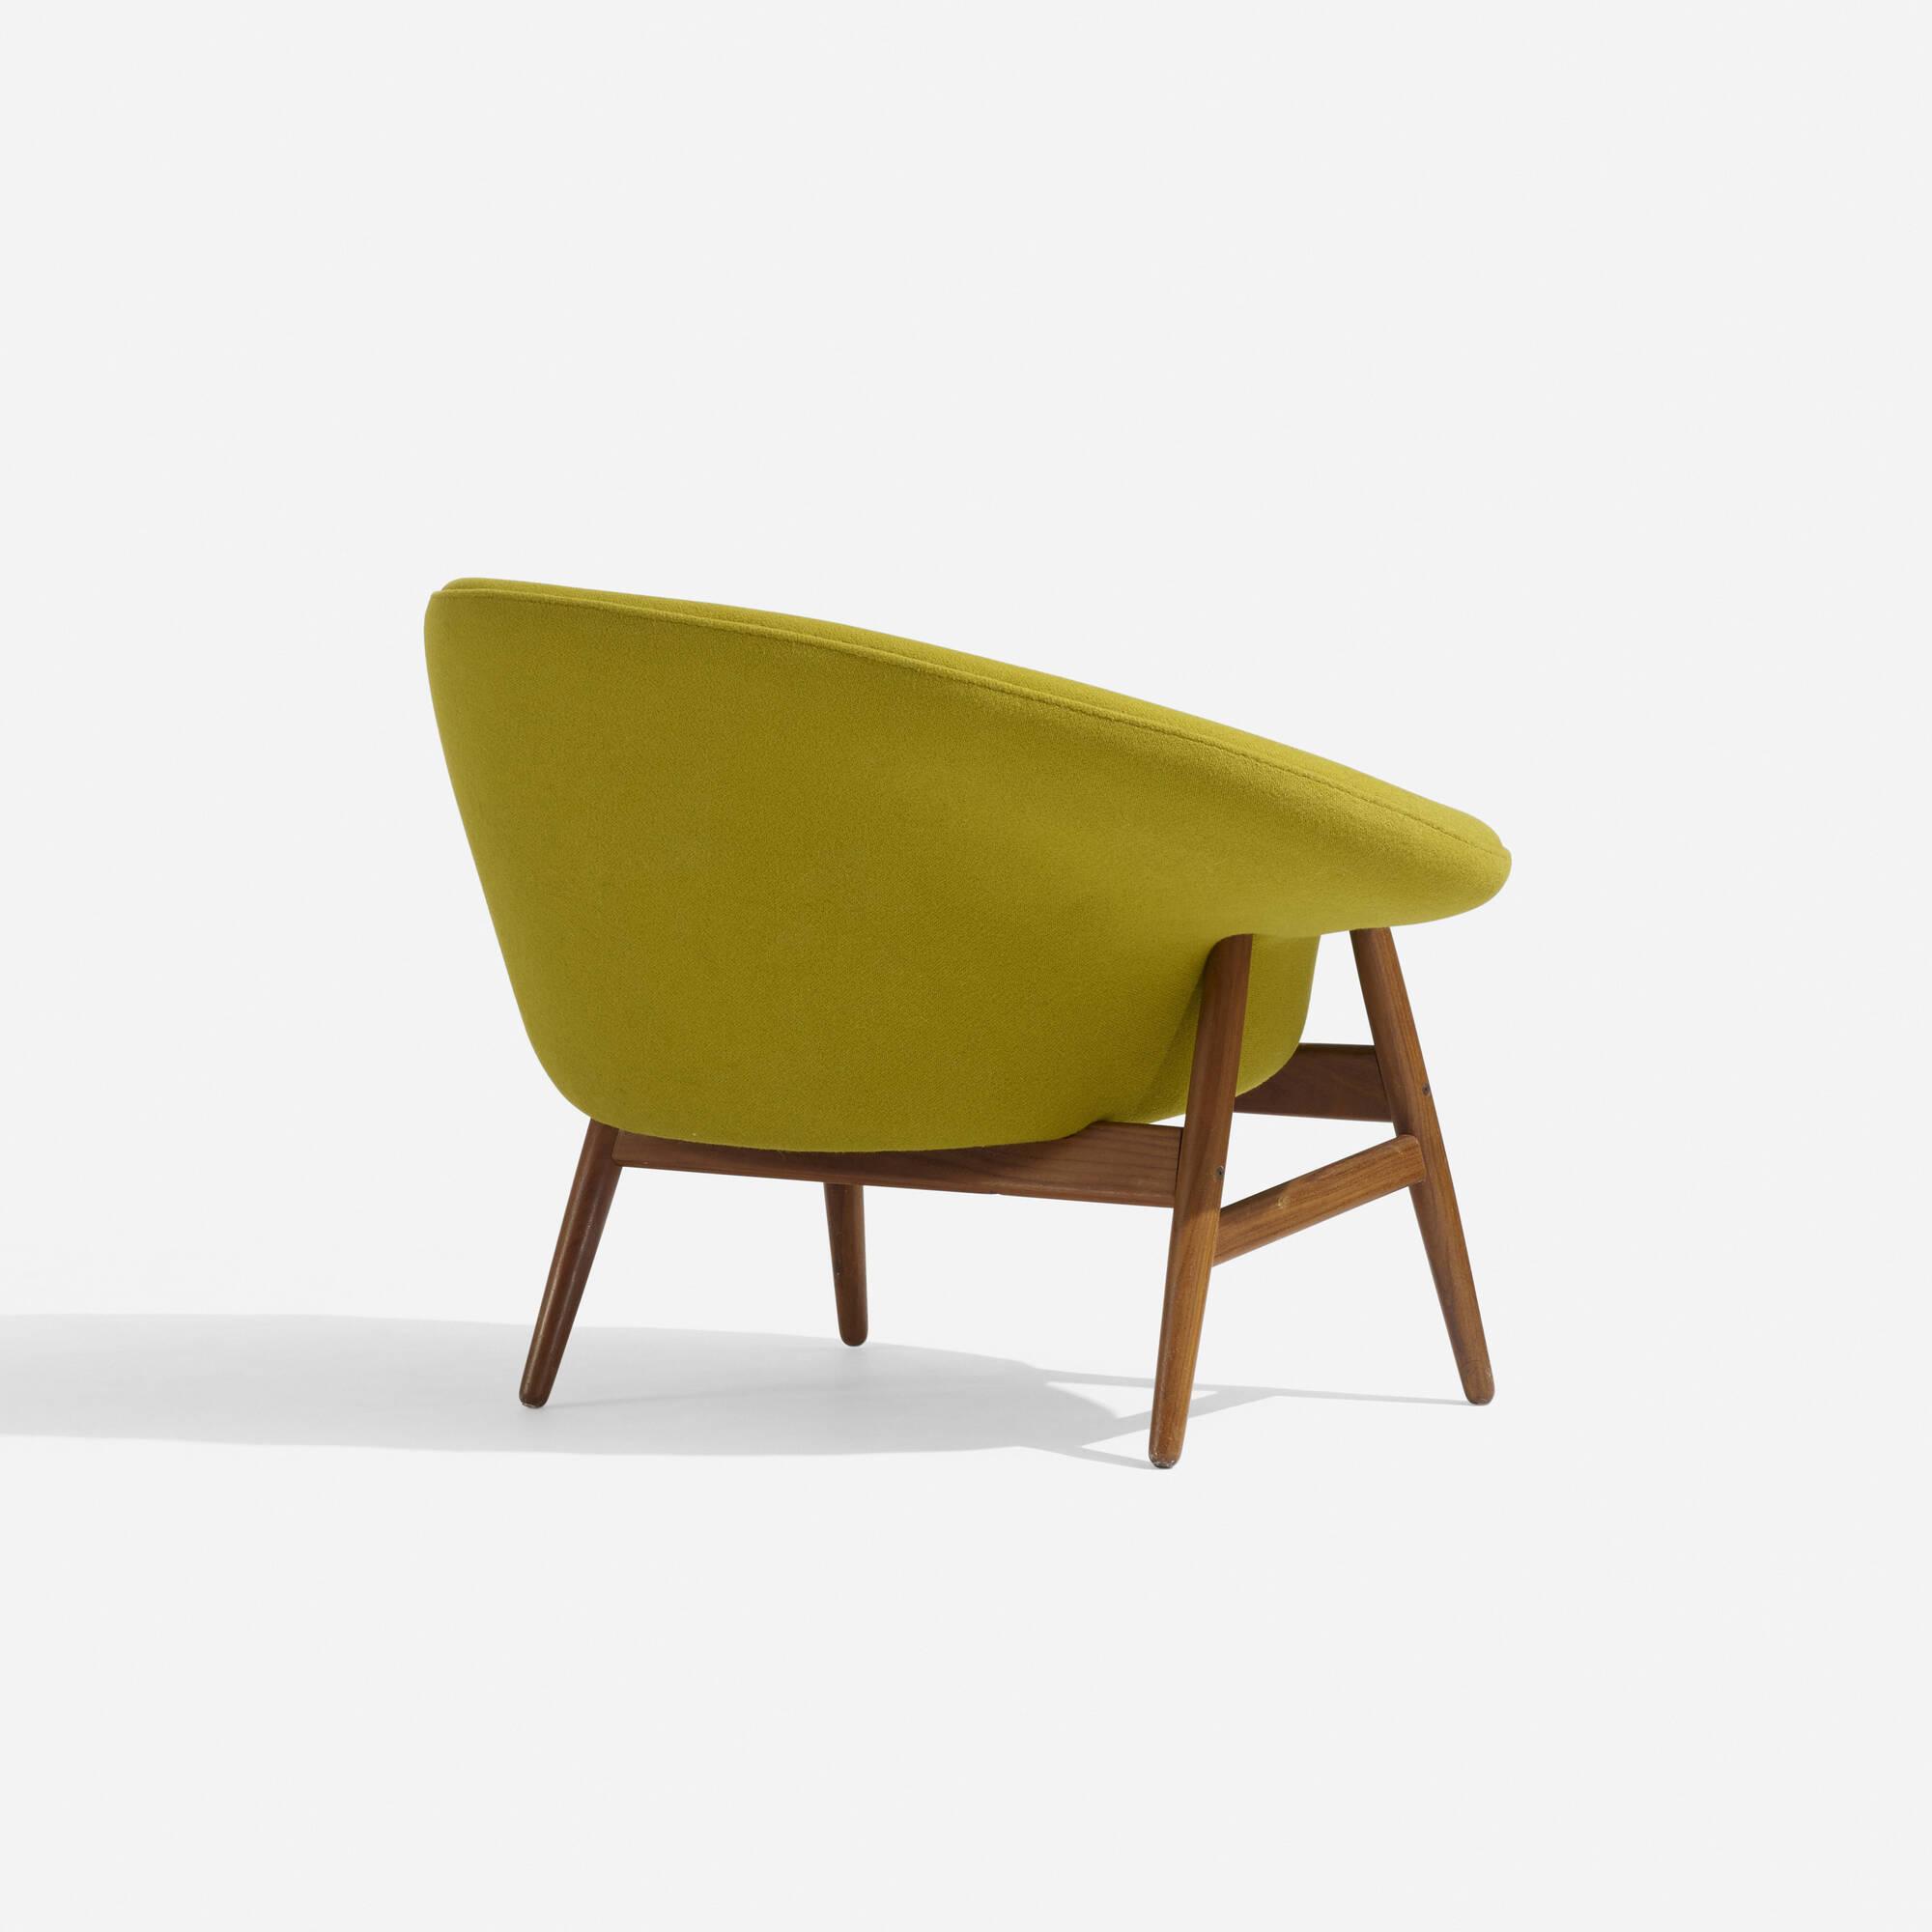 187: Hans Olsen / lounge chair, model 188 (3 of 4)